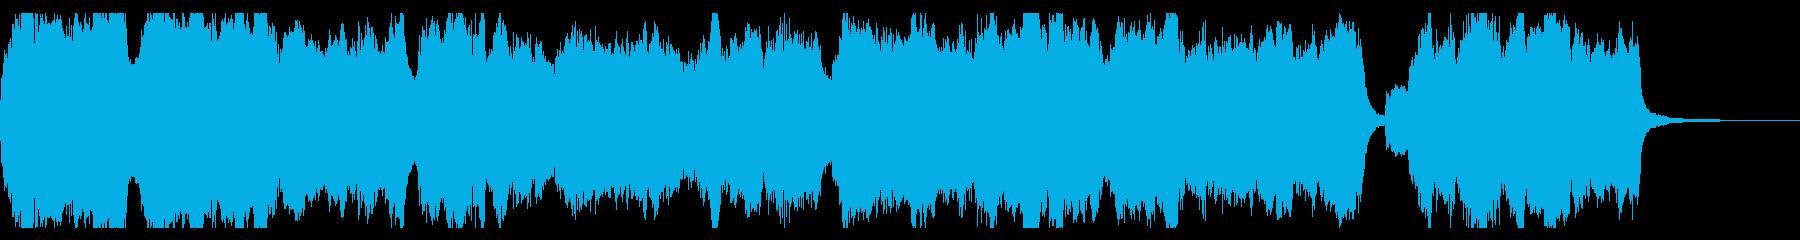 クリスマス定番曲、煌びやかオルガンの再生済みの波形